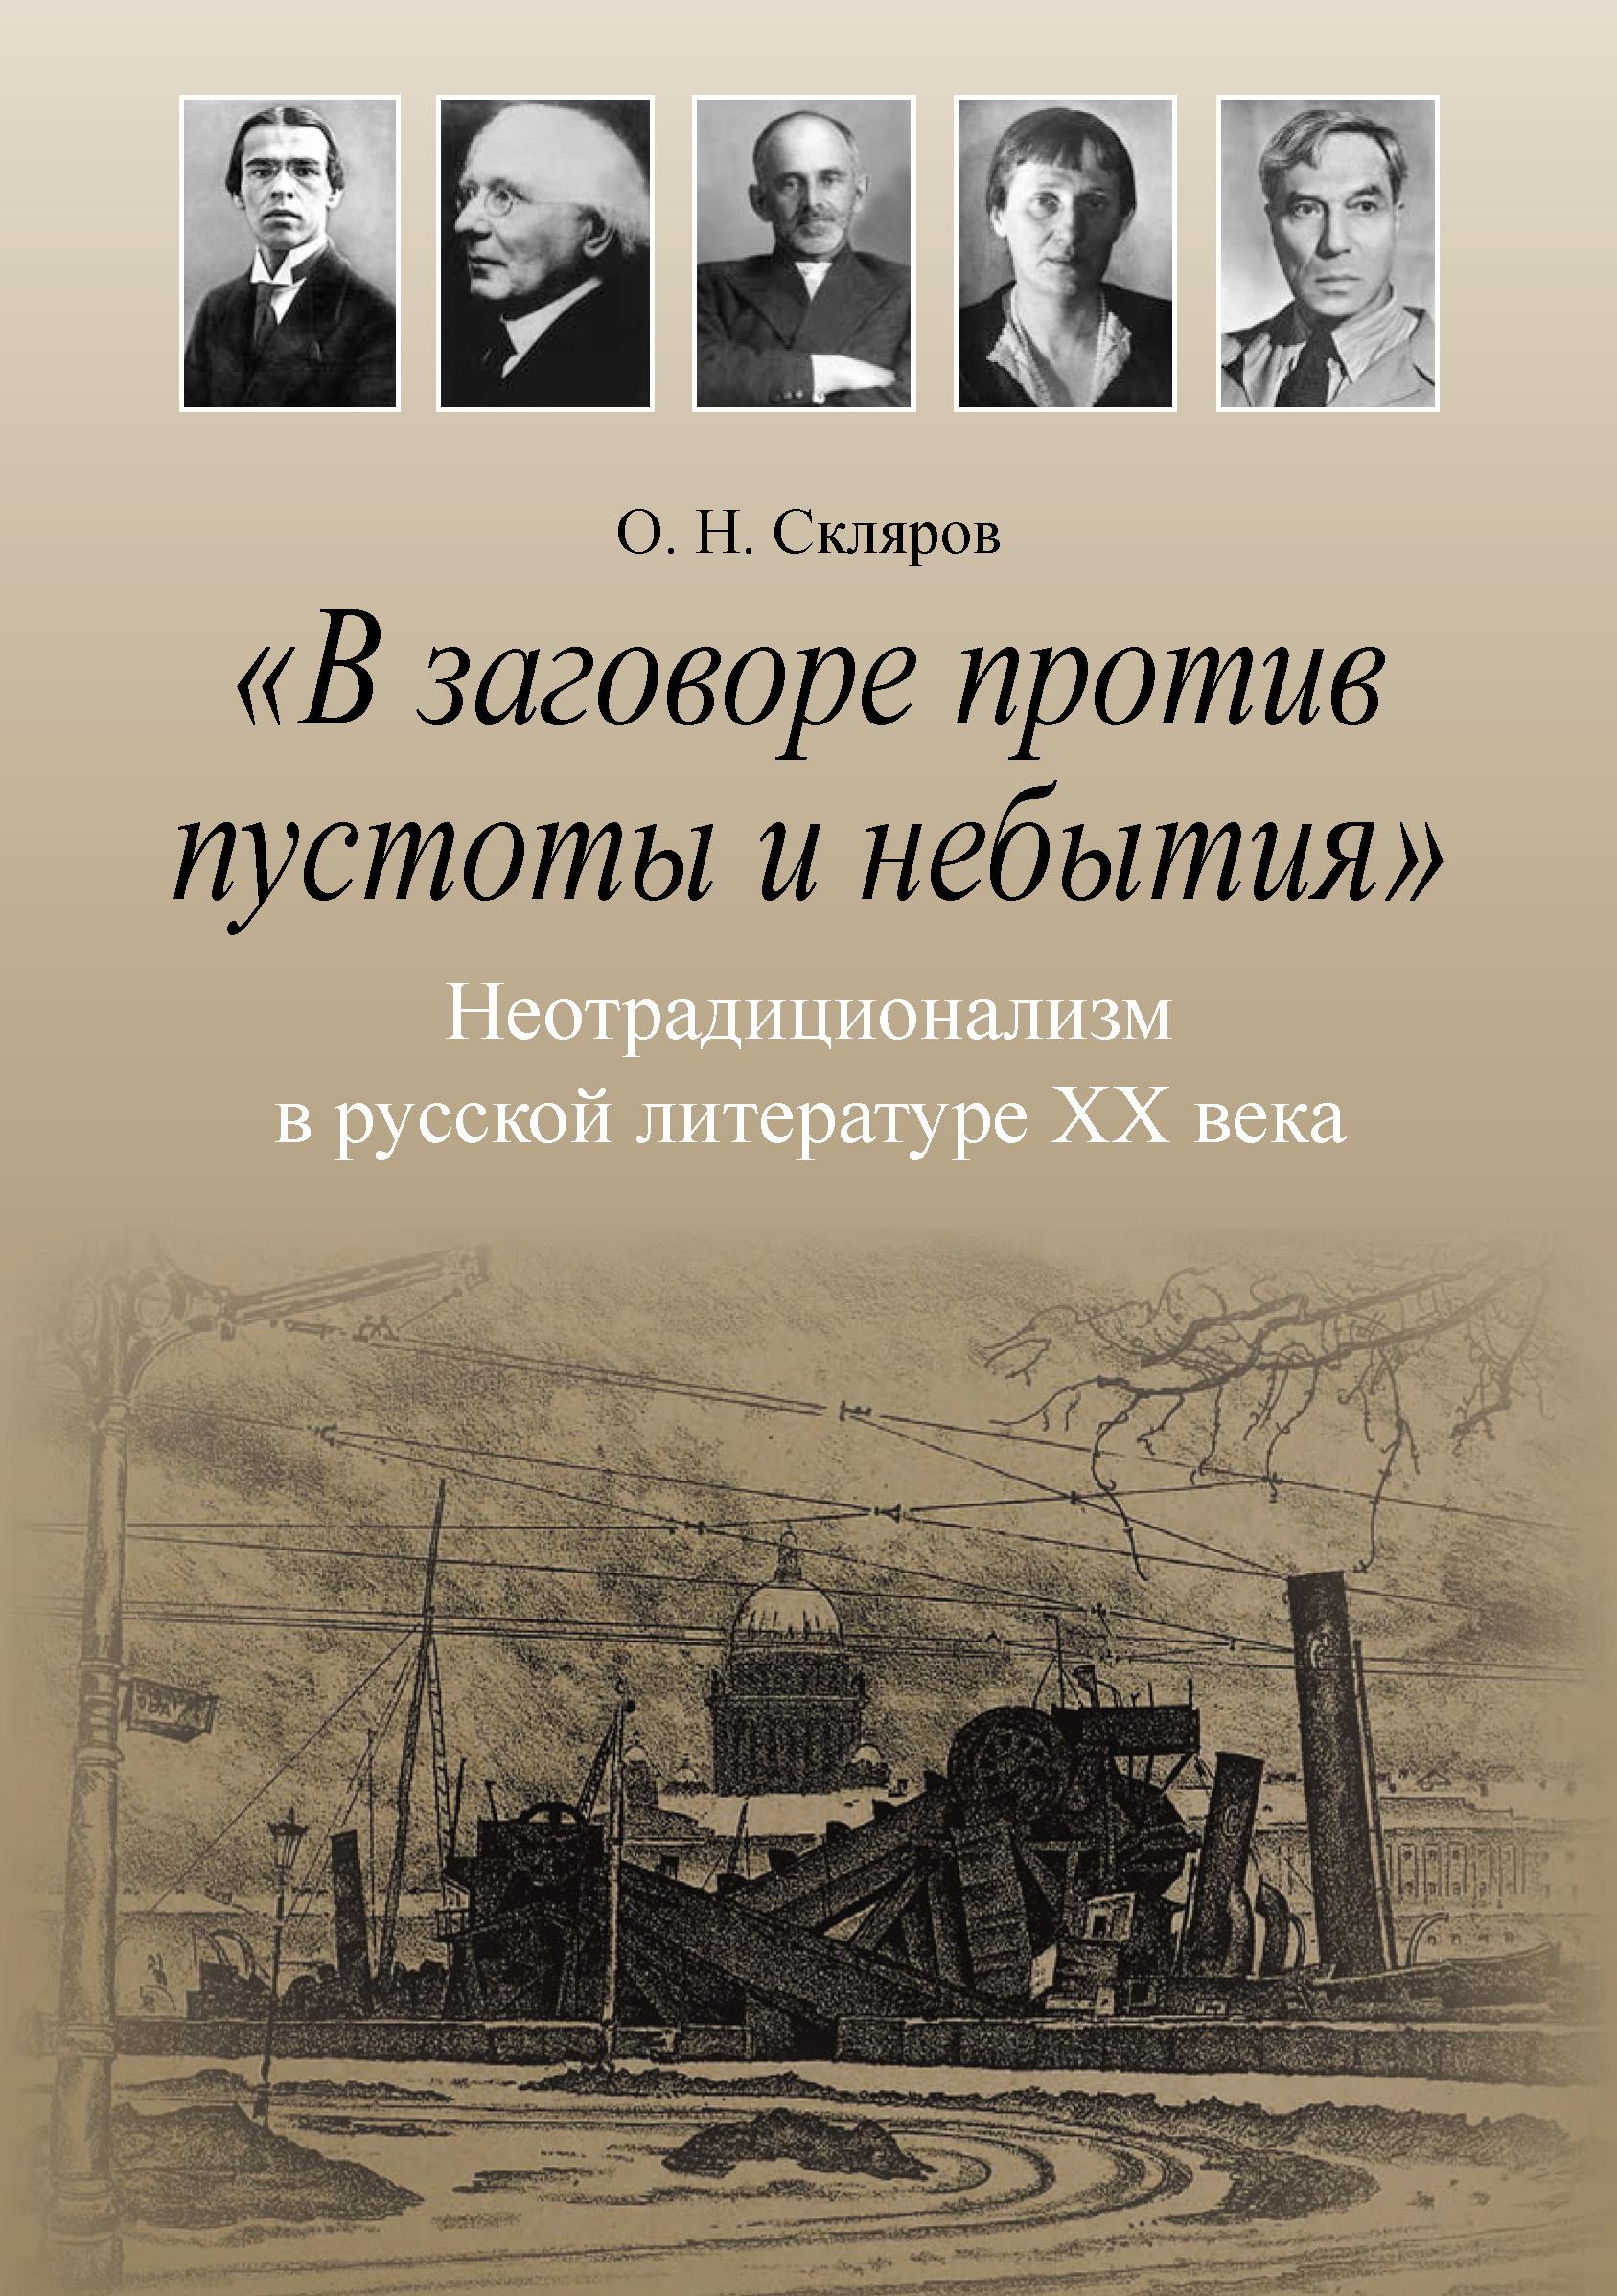 «В заговоре против пустоты и небытия». Неотрадиционализм в русской литературе XX века